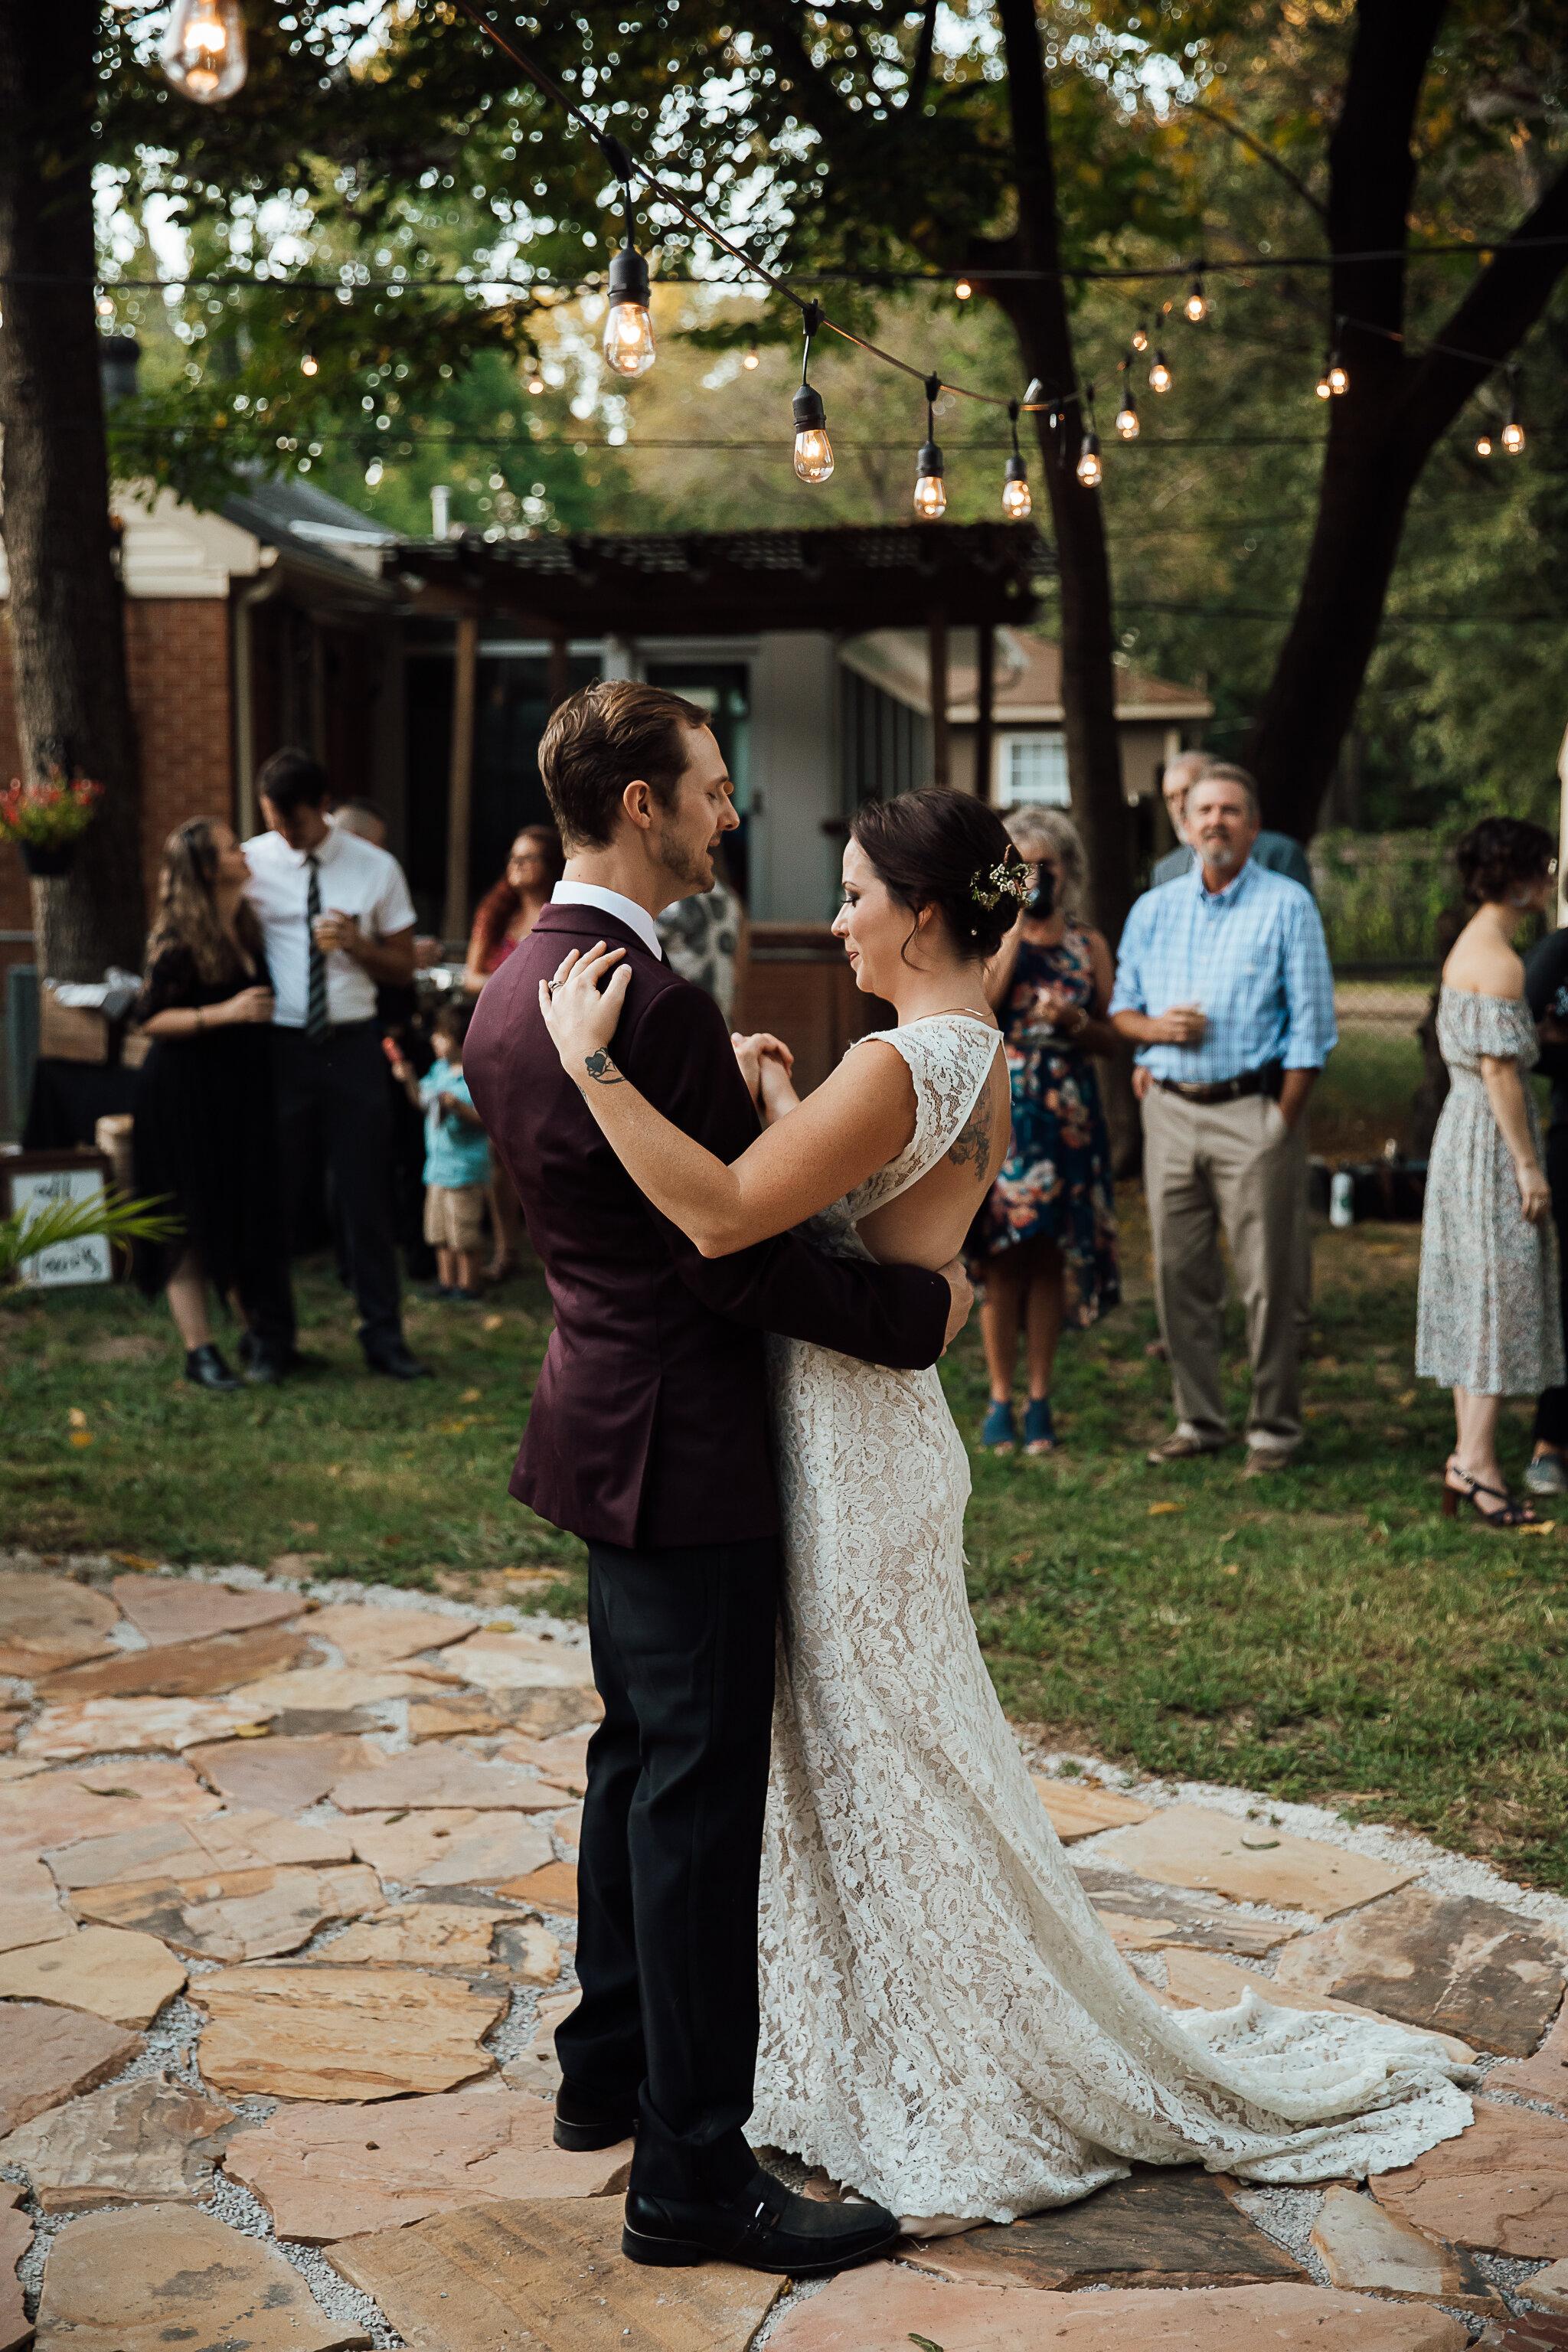 Allison-and-Wesley-Memphis-Backyard-Wedding-TheWarmthAroundYou-173.jpg